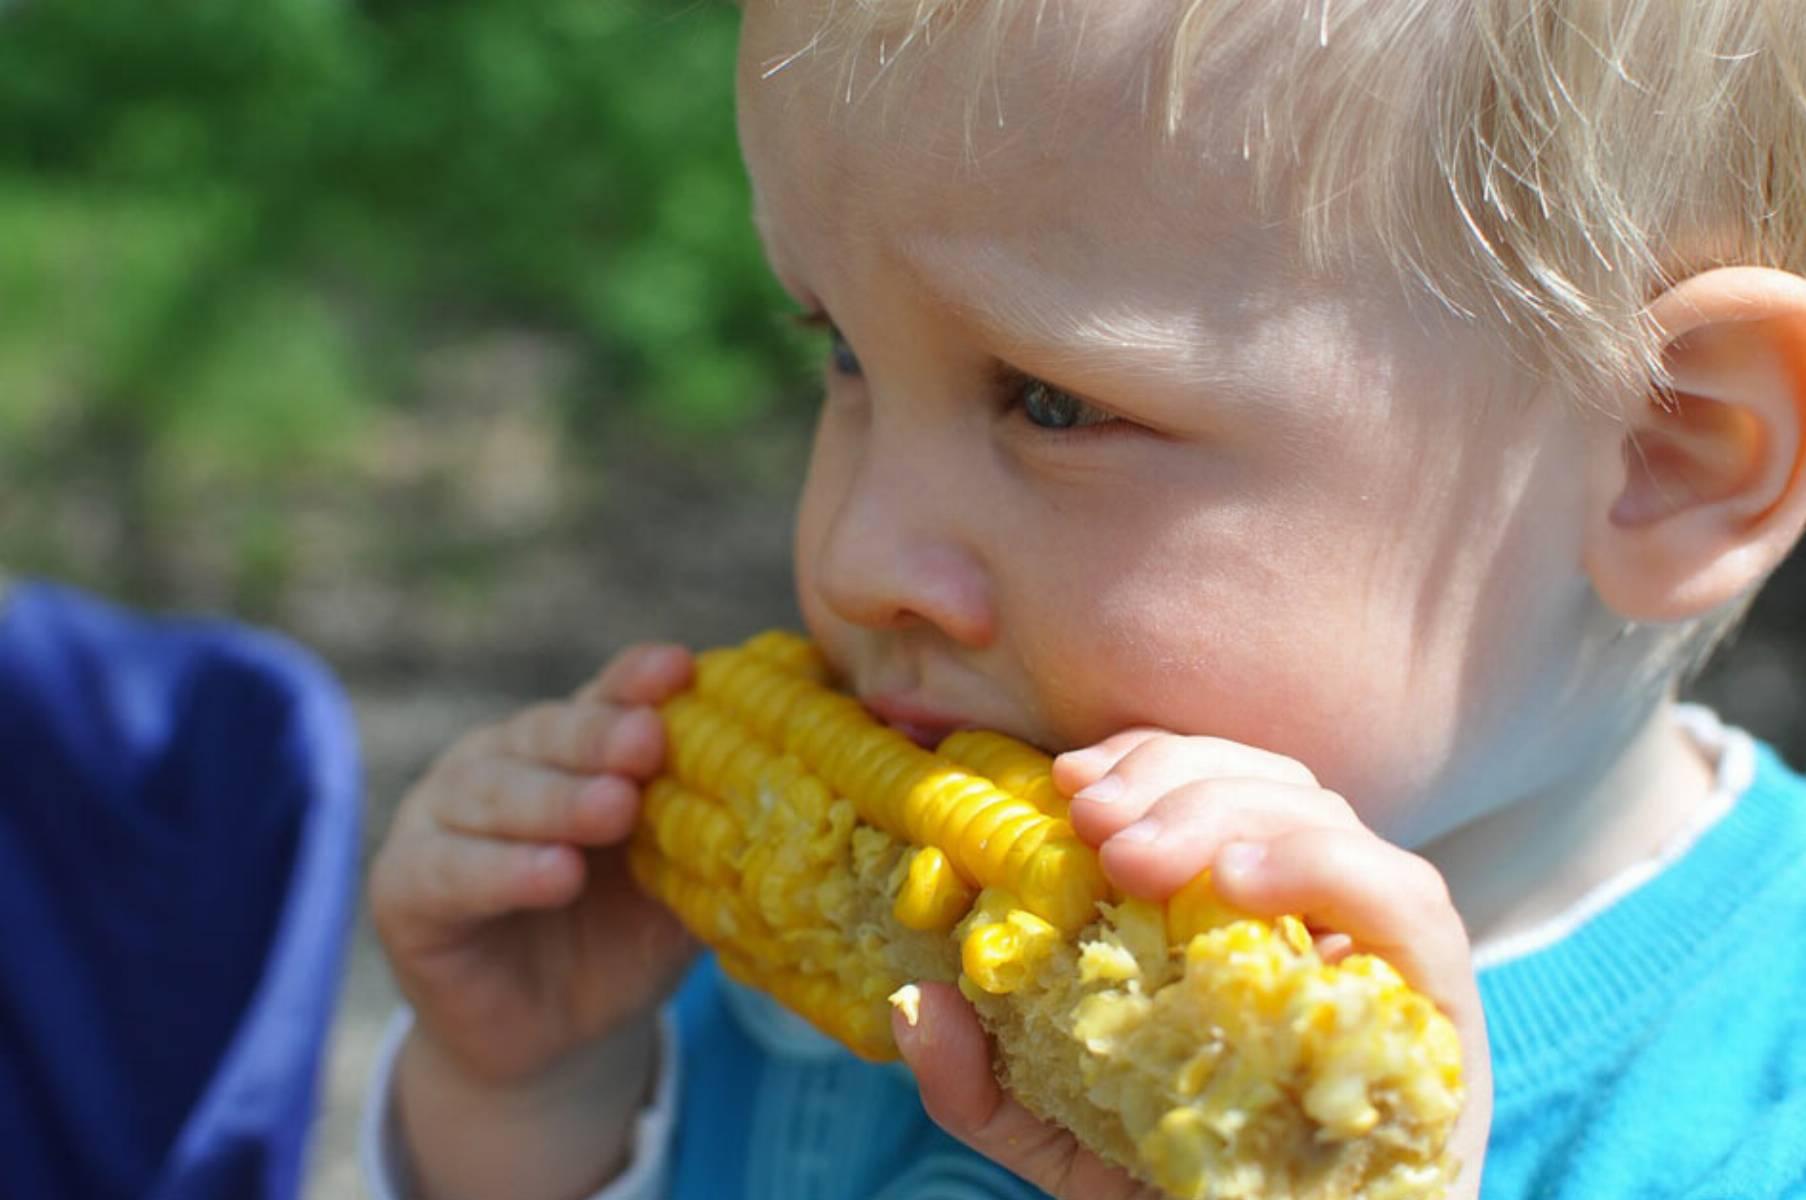 niemowlak-jedzacy-kukurydze